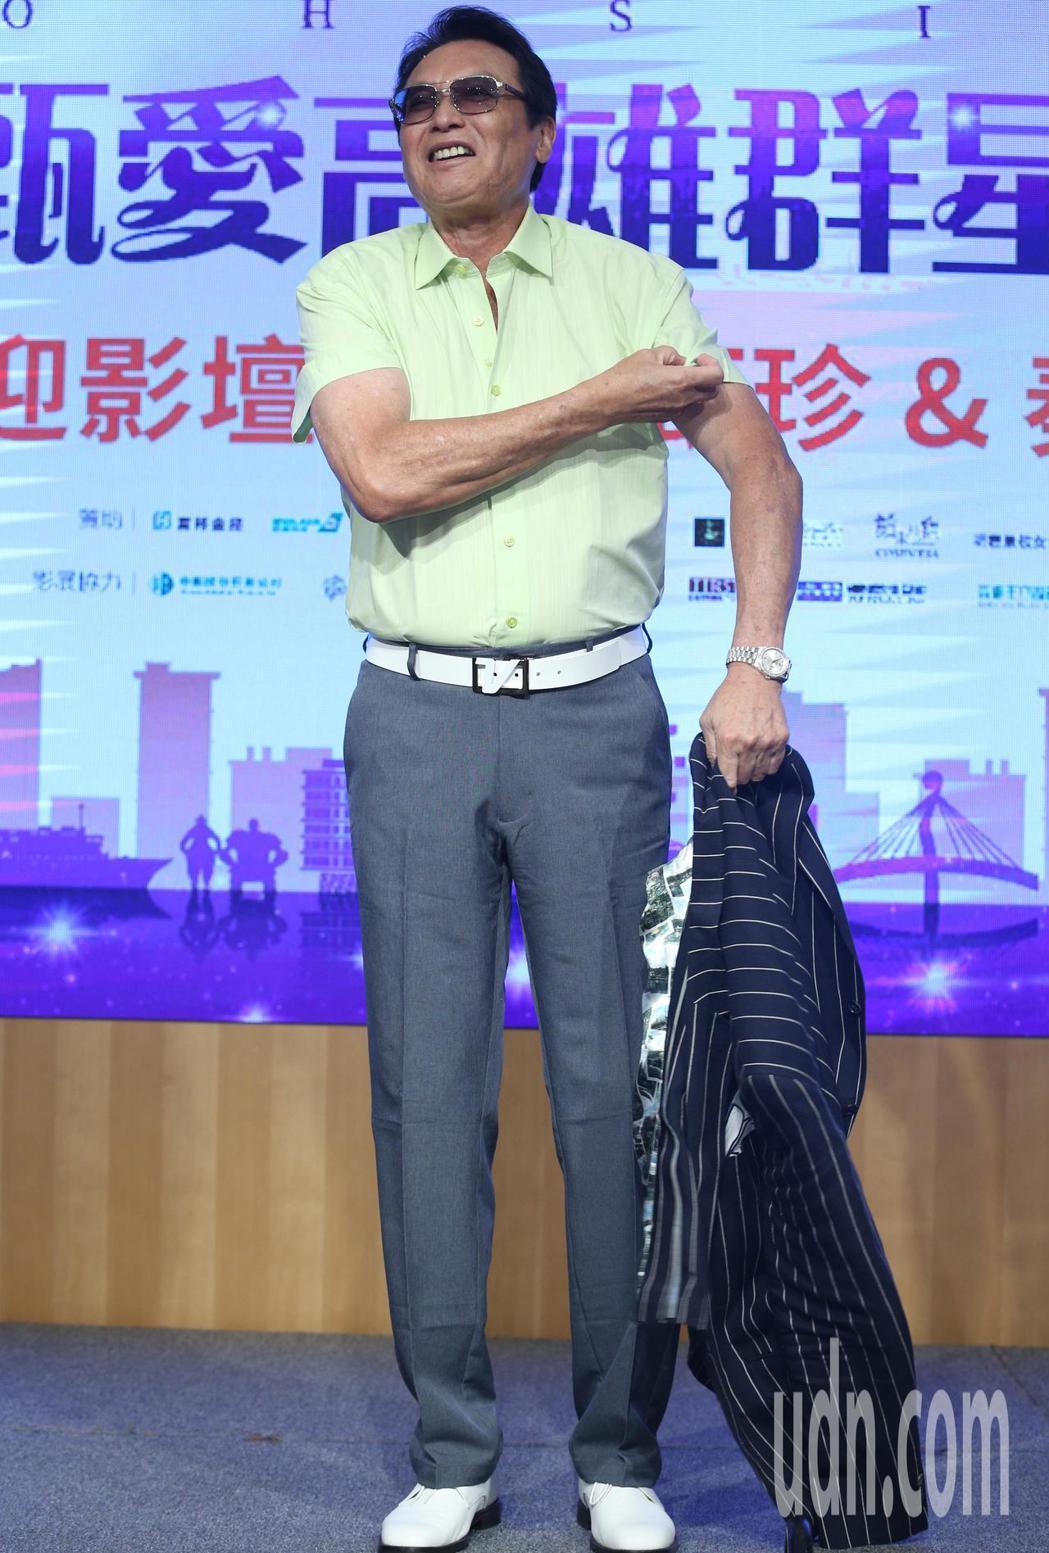 秦祥林專程從美國返台參加影展。記者劉學聖/攝影